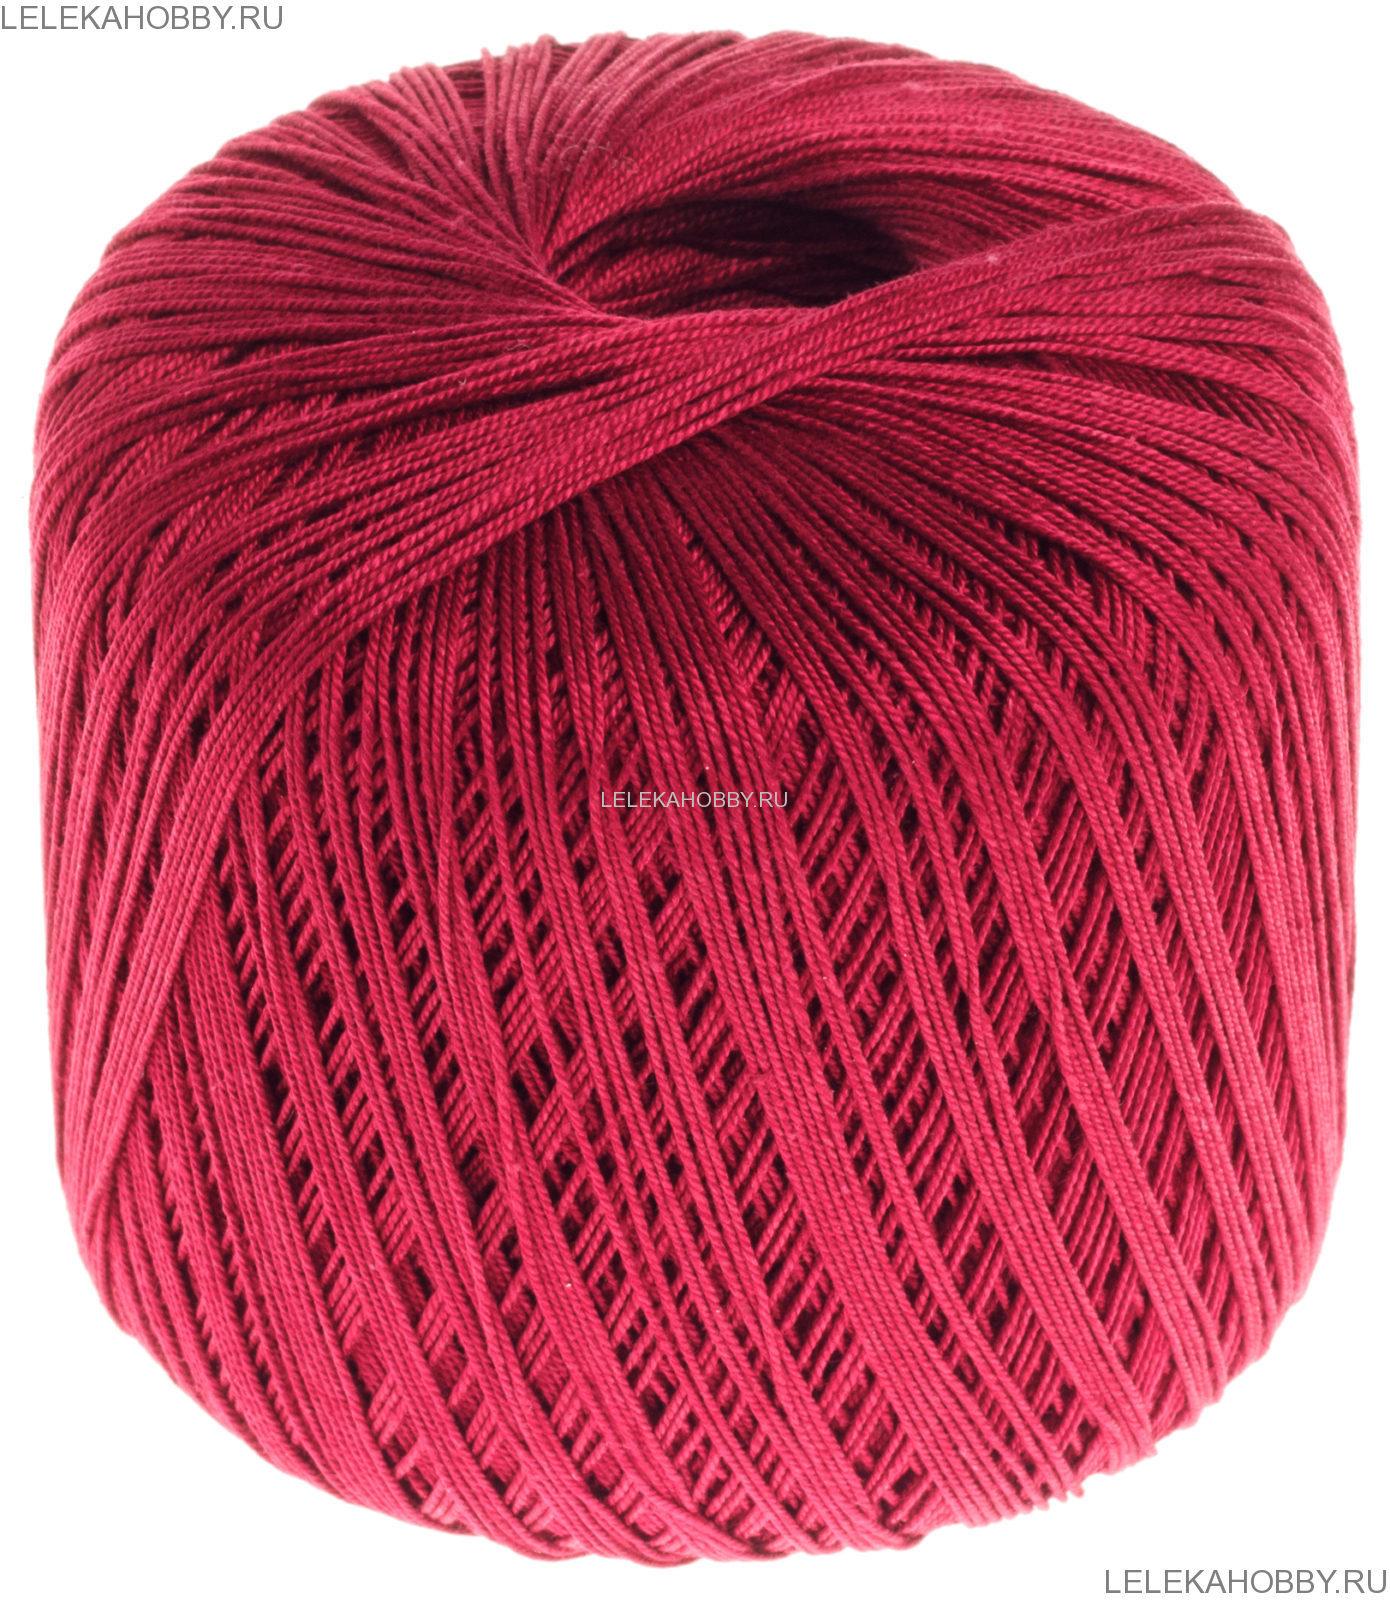 пряжа для вязания 100 хлопок